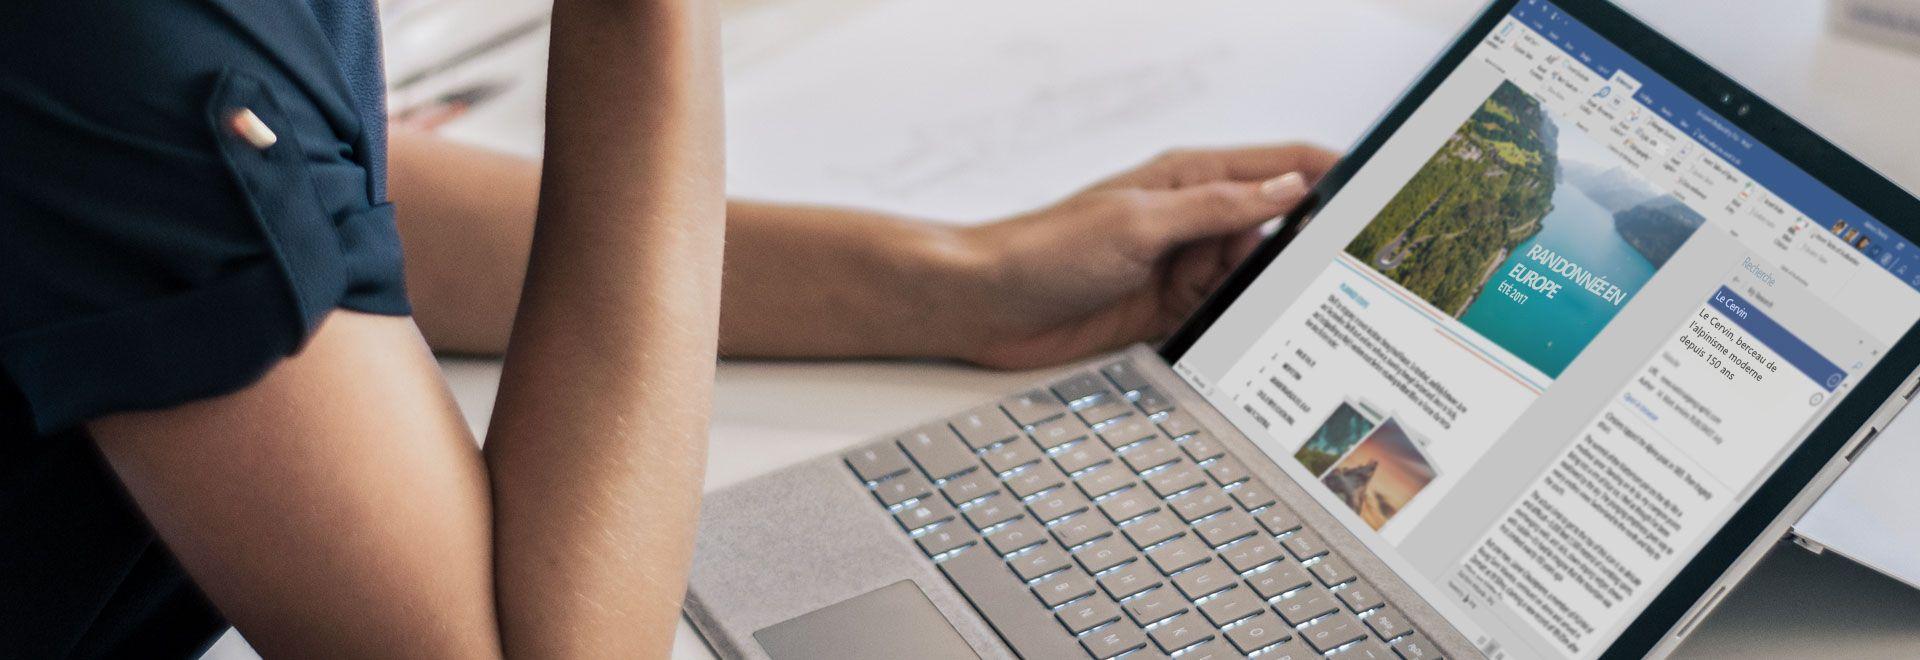 Tablette Microsoft Surface affichant un document Word concernant une randonnée sac à dos en Europe, avec la fonctionnalité Recherche Word ouverte